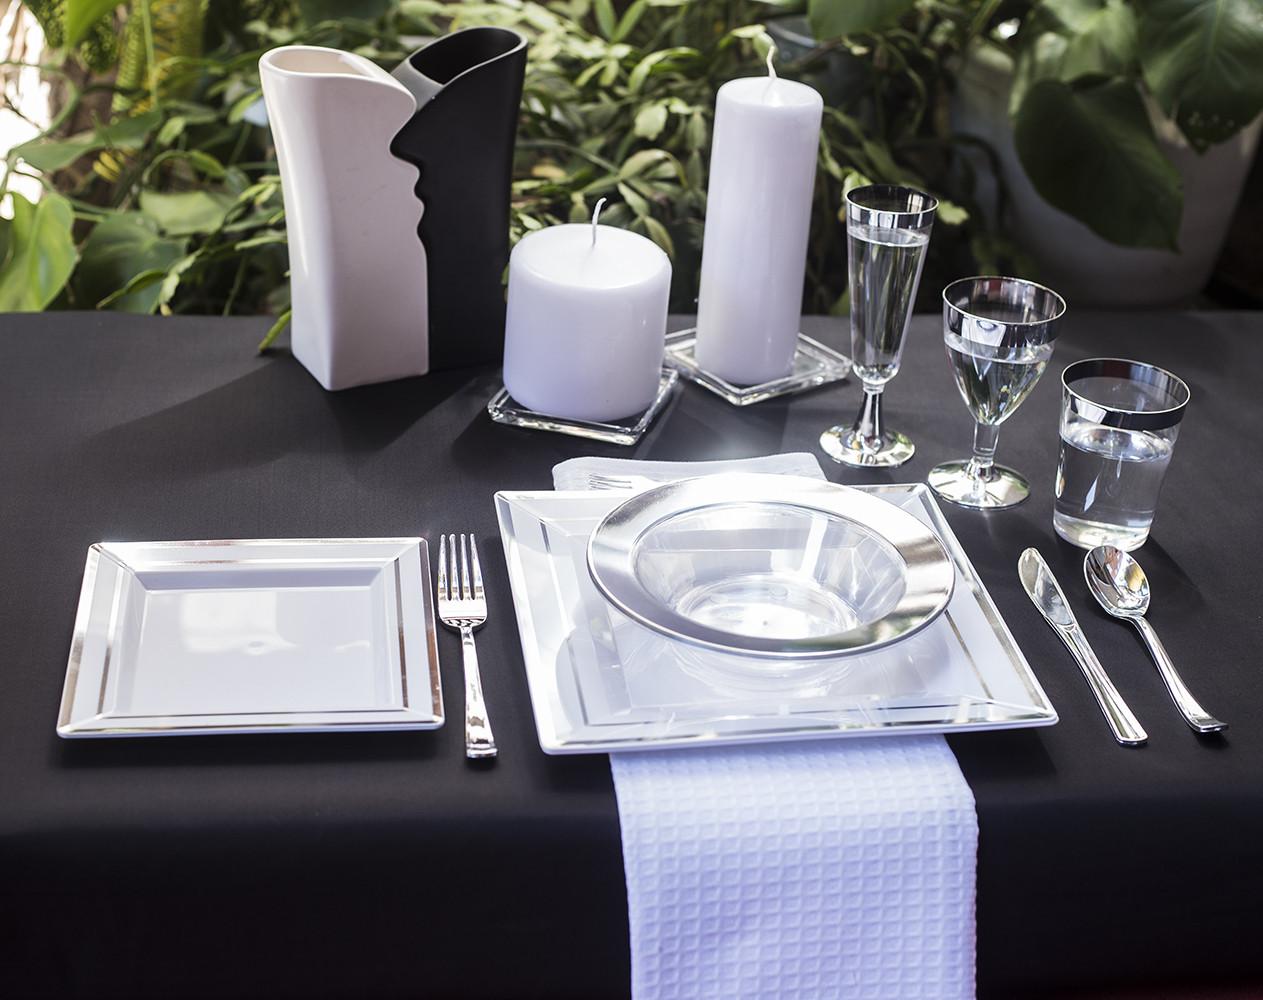 Тарелки глубокие пластиковые прочные термостойкие для пикника, выездной вечеринки CFP 6 шт 300 мл